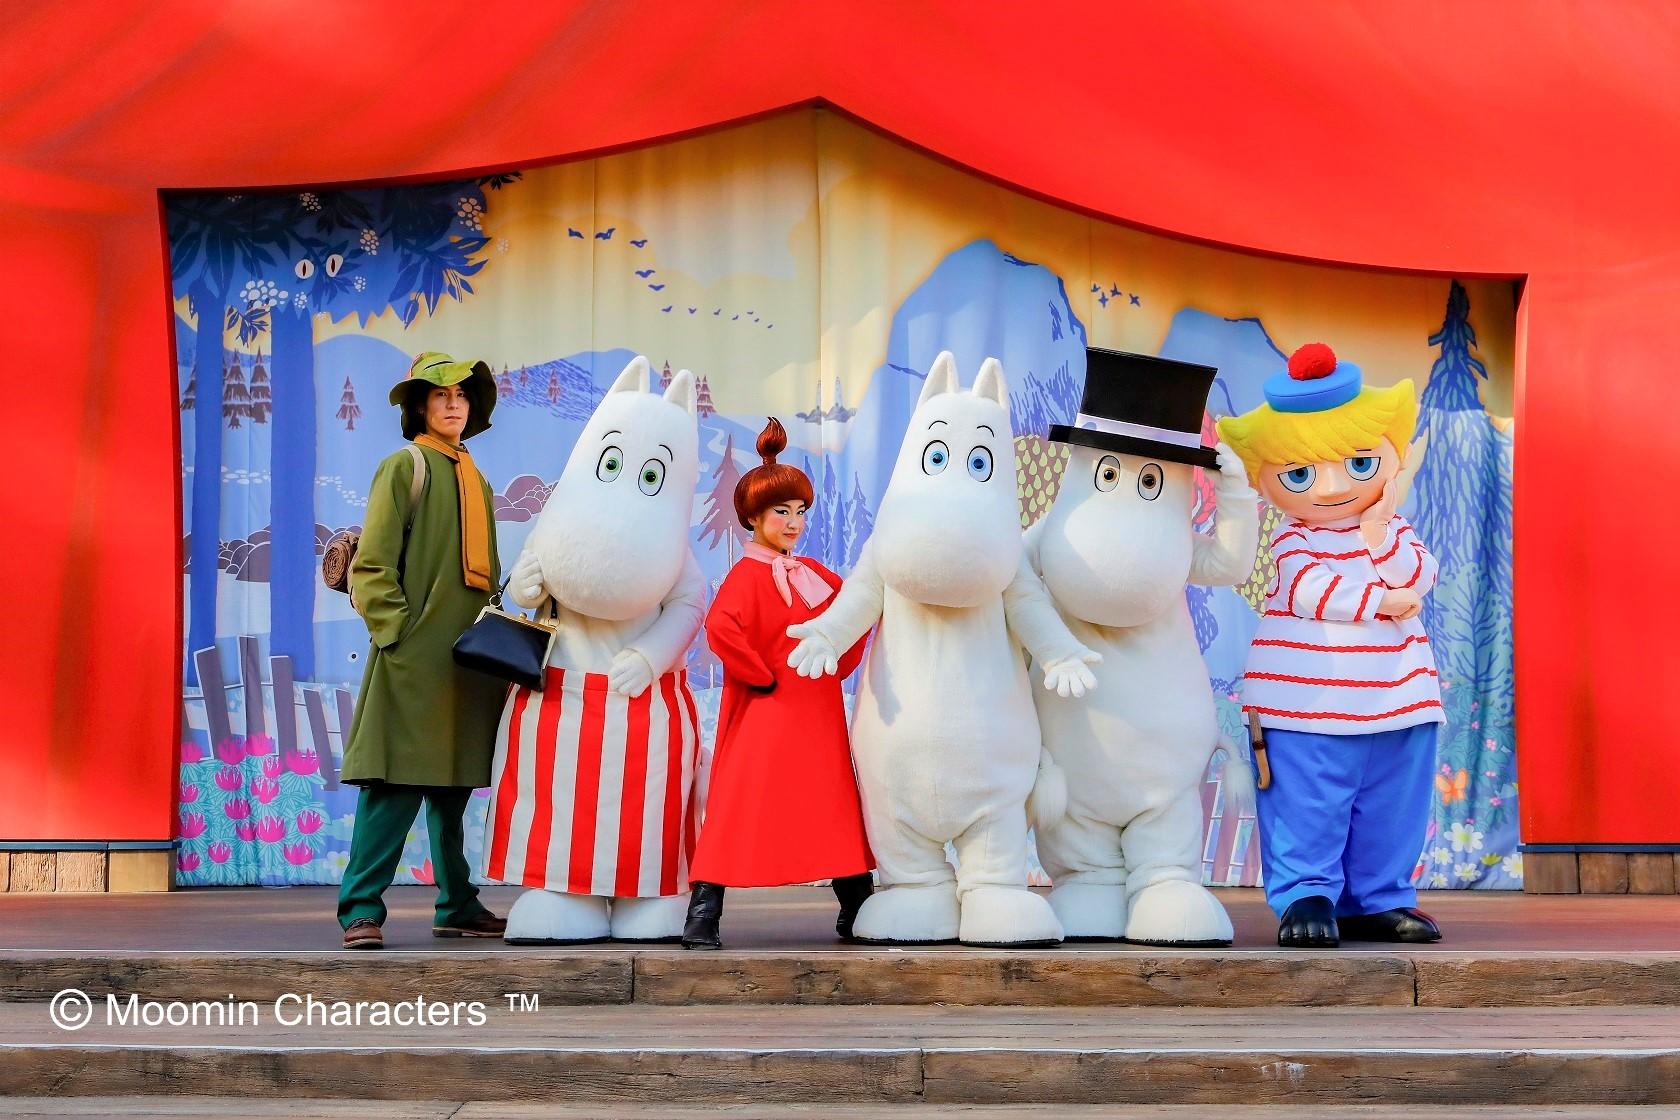 北欧童話の世界を体感♪日本最大級【アンブレラスカイ】開催中の『ムーミンバレーパーク』とメッツァビレッジ散策&三井アウトレットパーク入間ゆったりショッピング